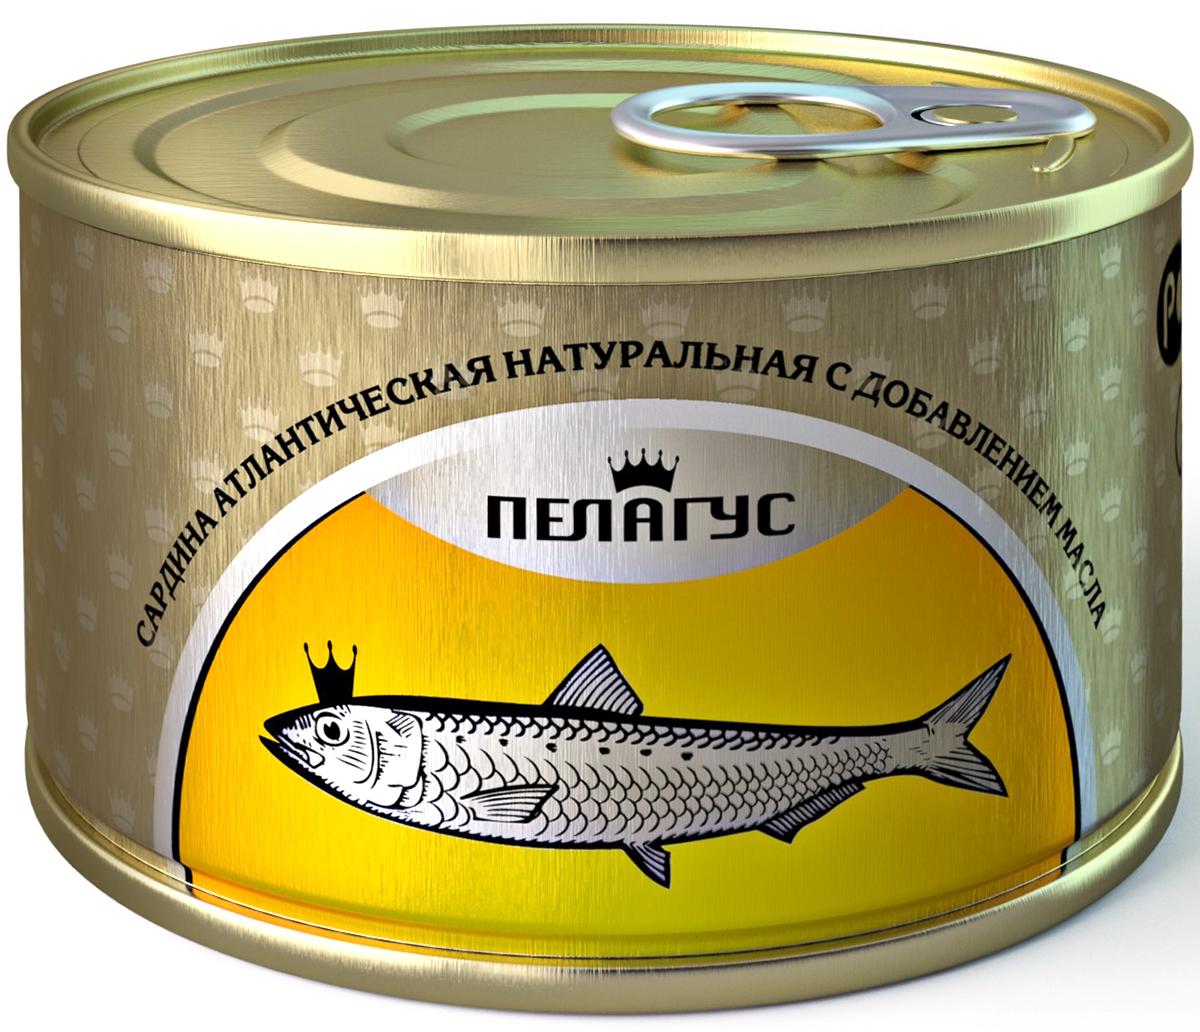 Пелагус сардина атлантическая натуральная с добавлением масла №5, 230 г Пелагус